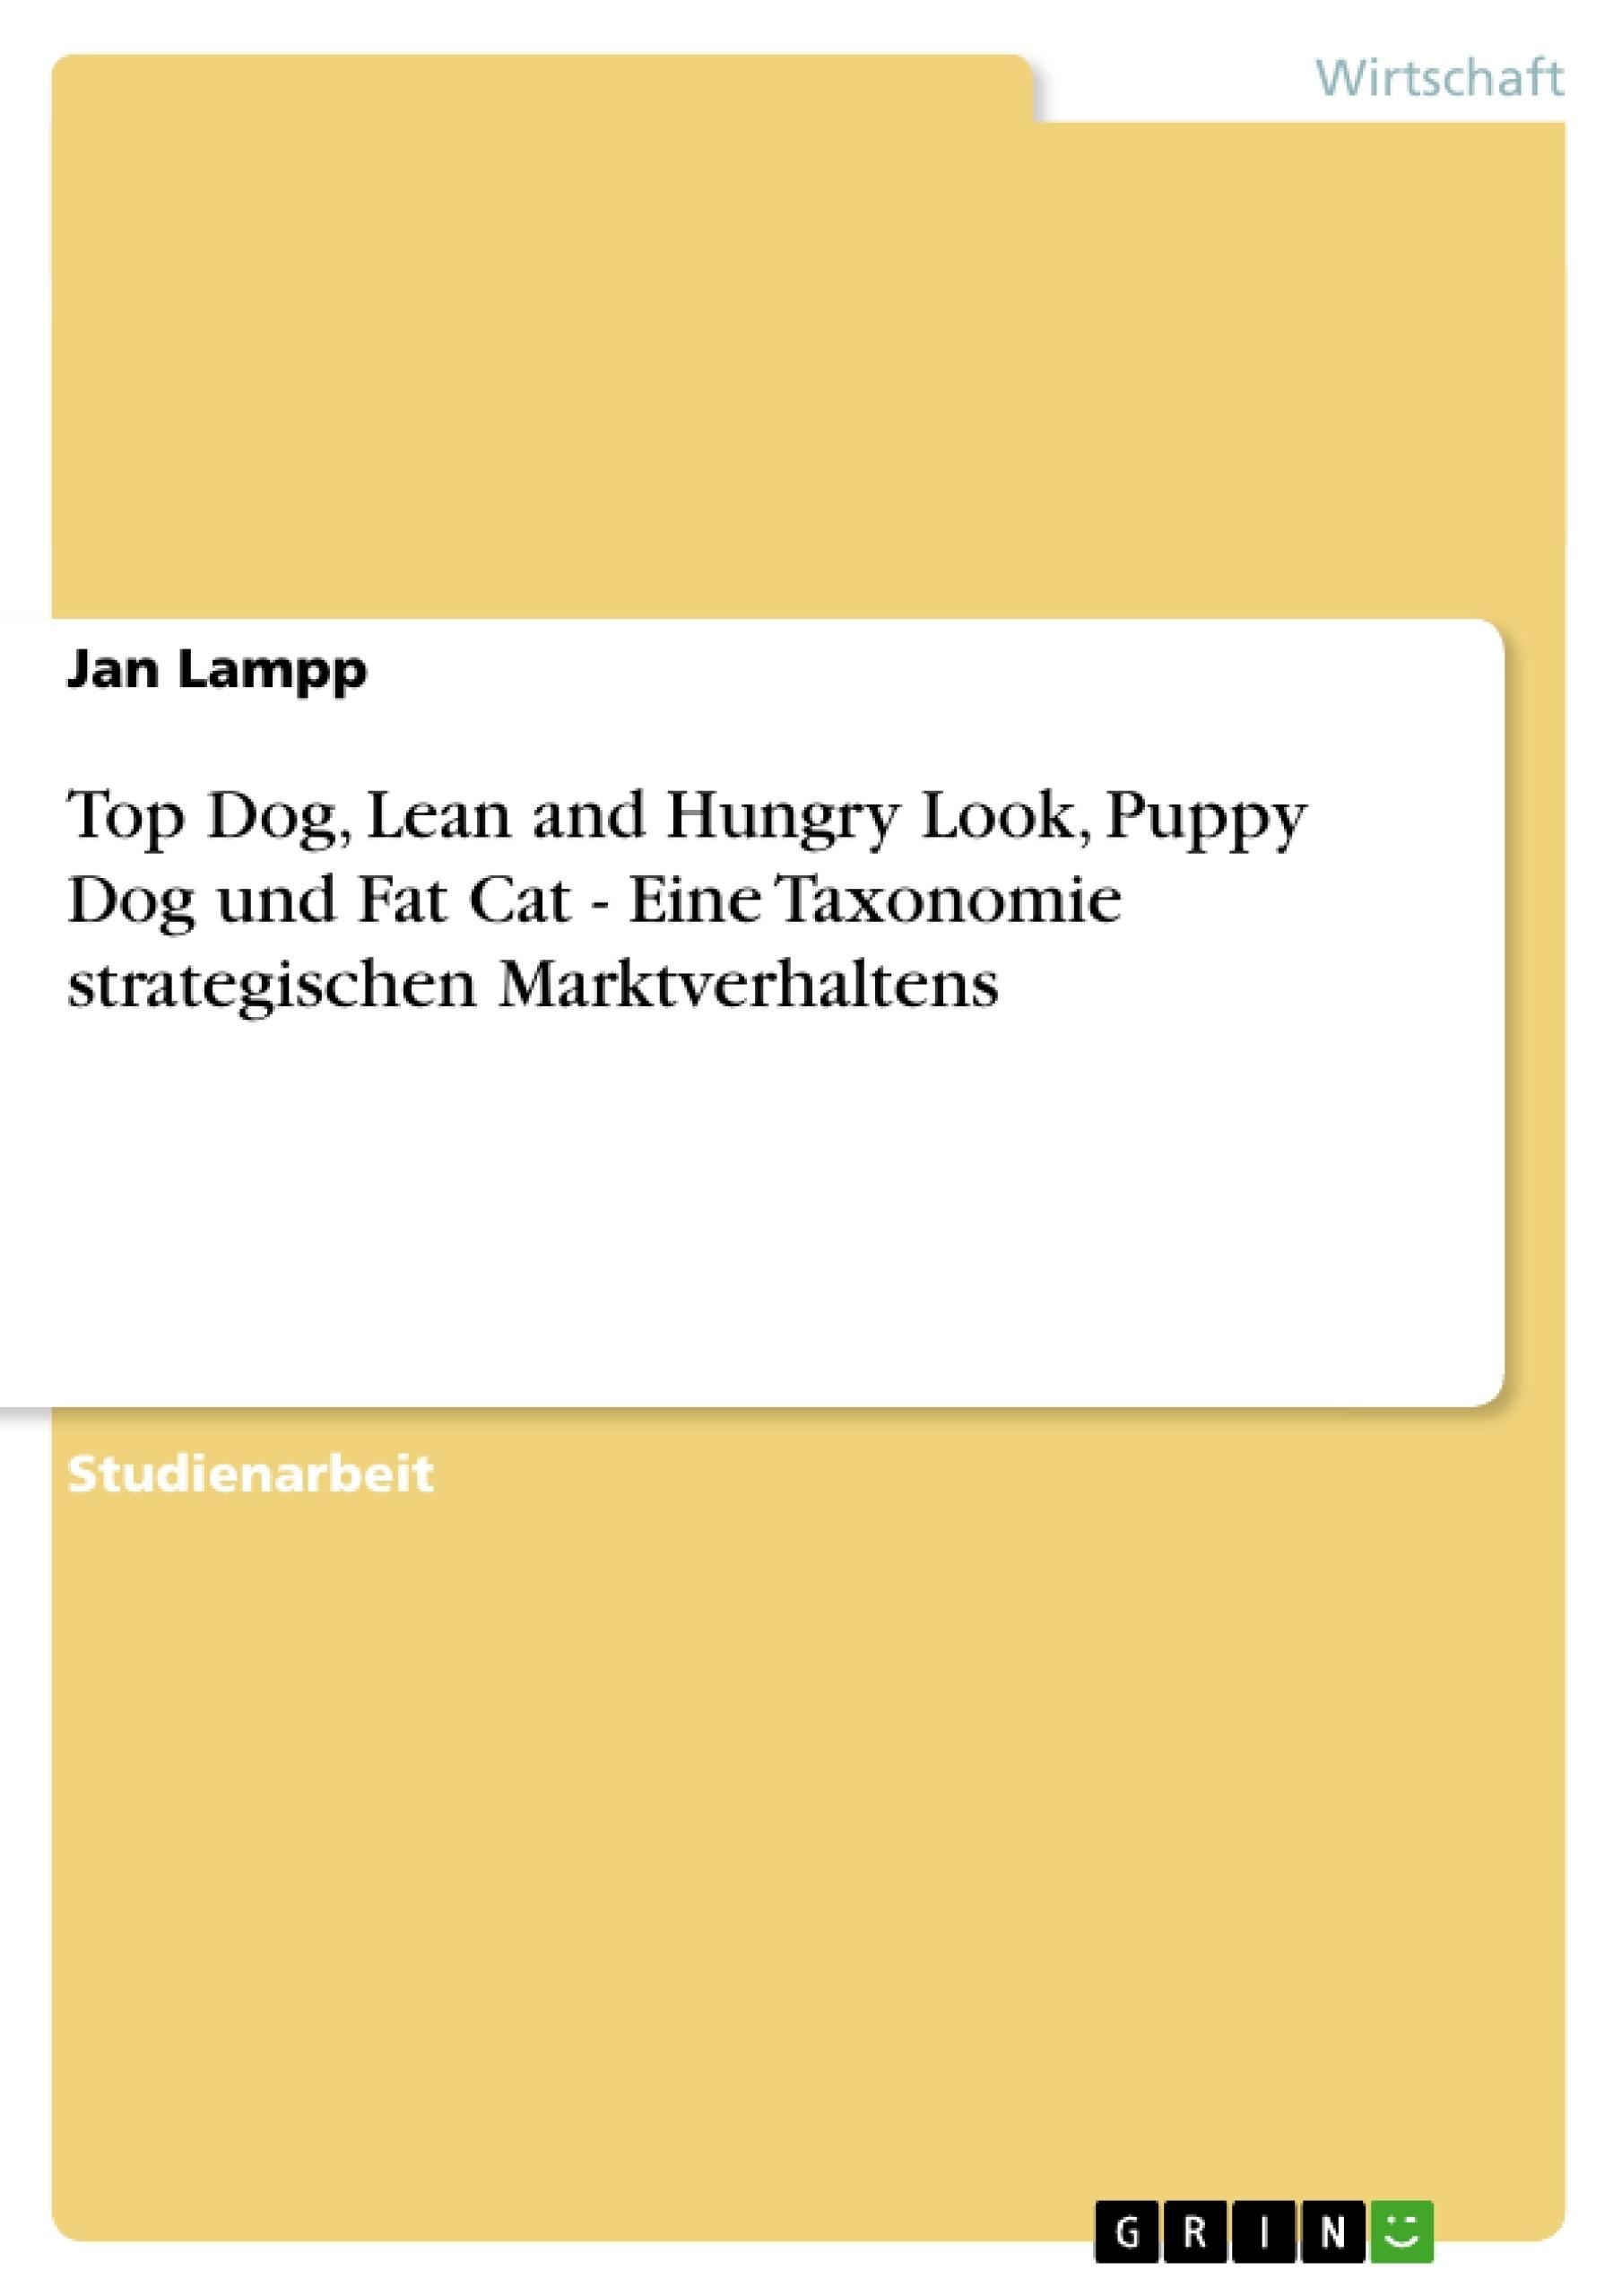 Titel: Top Dog, Lean and Hungry Look, Puppy Dog und Fat Cat - Eine Taxonomie strategischen Marktverhaltens